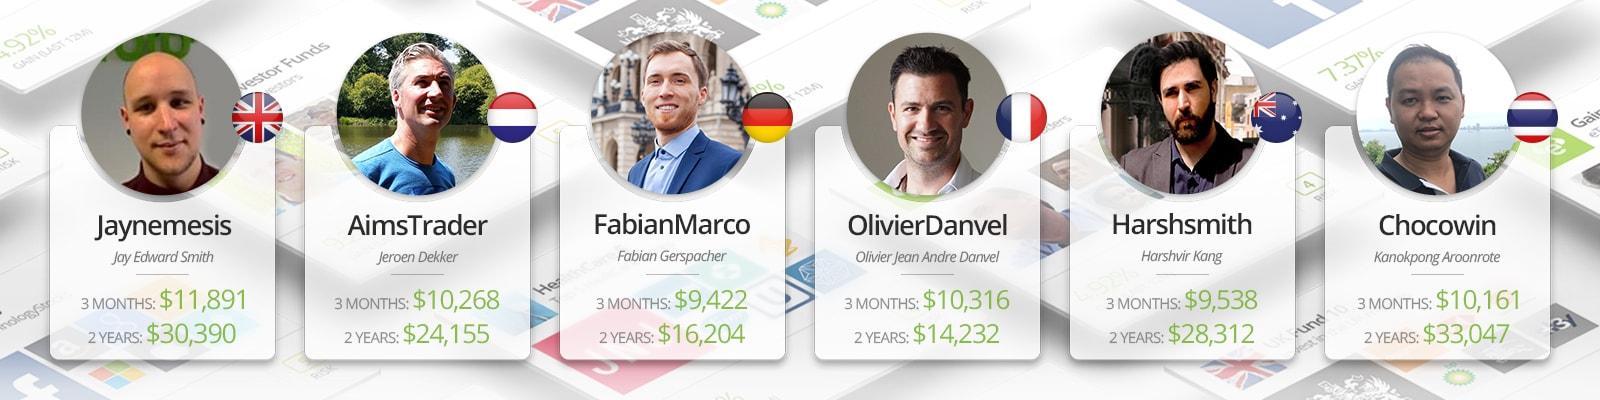 Số tiền nhận được từ $10K nếu copy những nhà đầu tư thành công